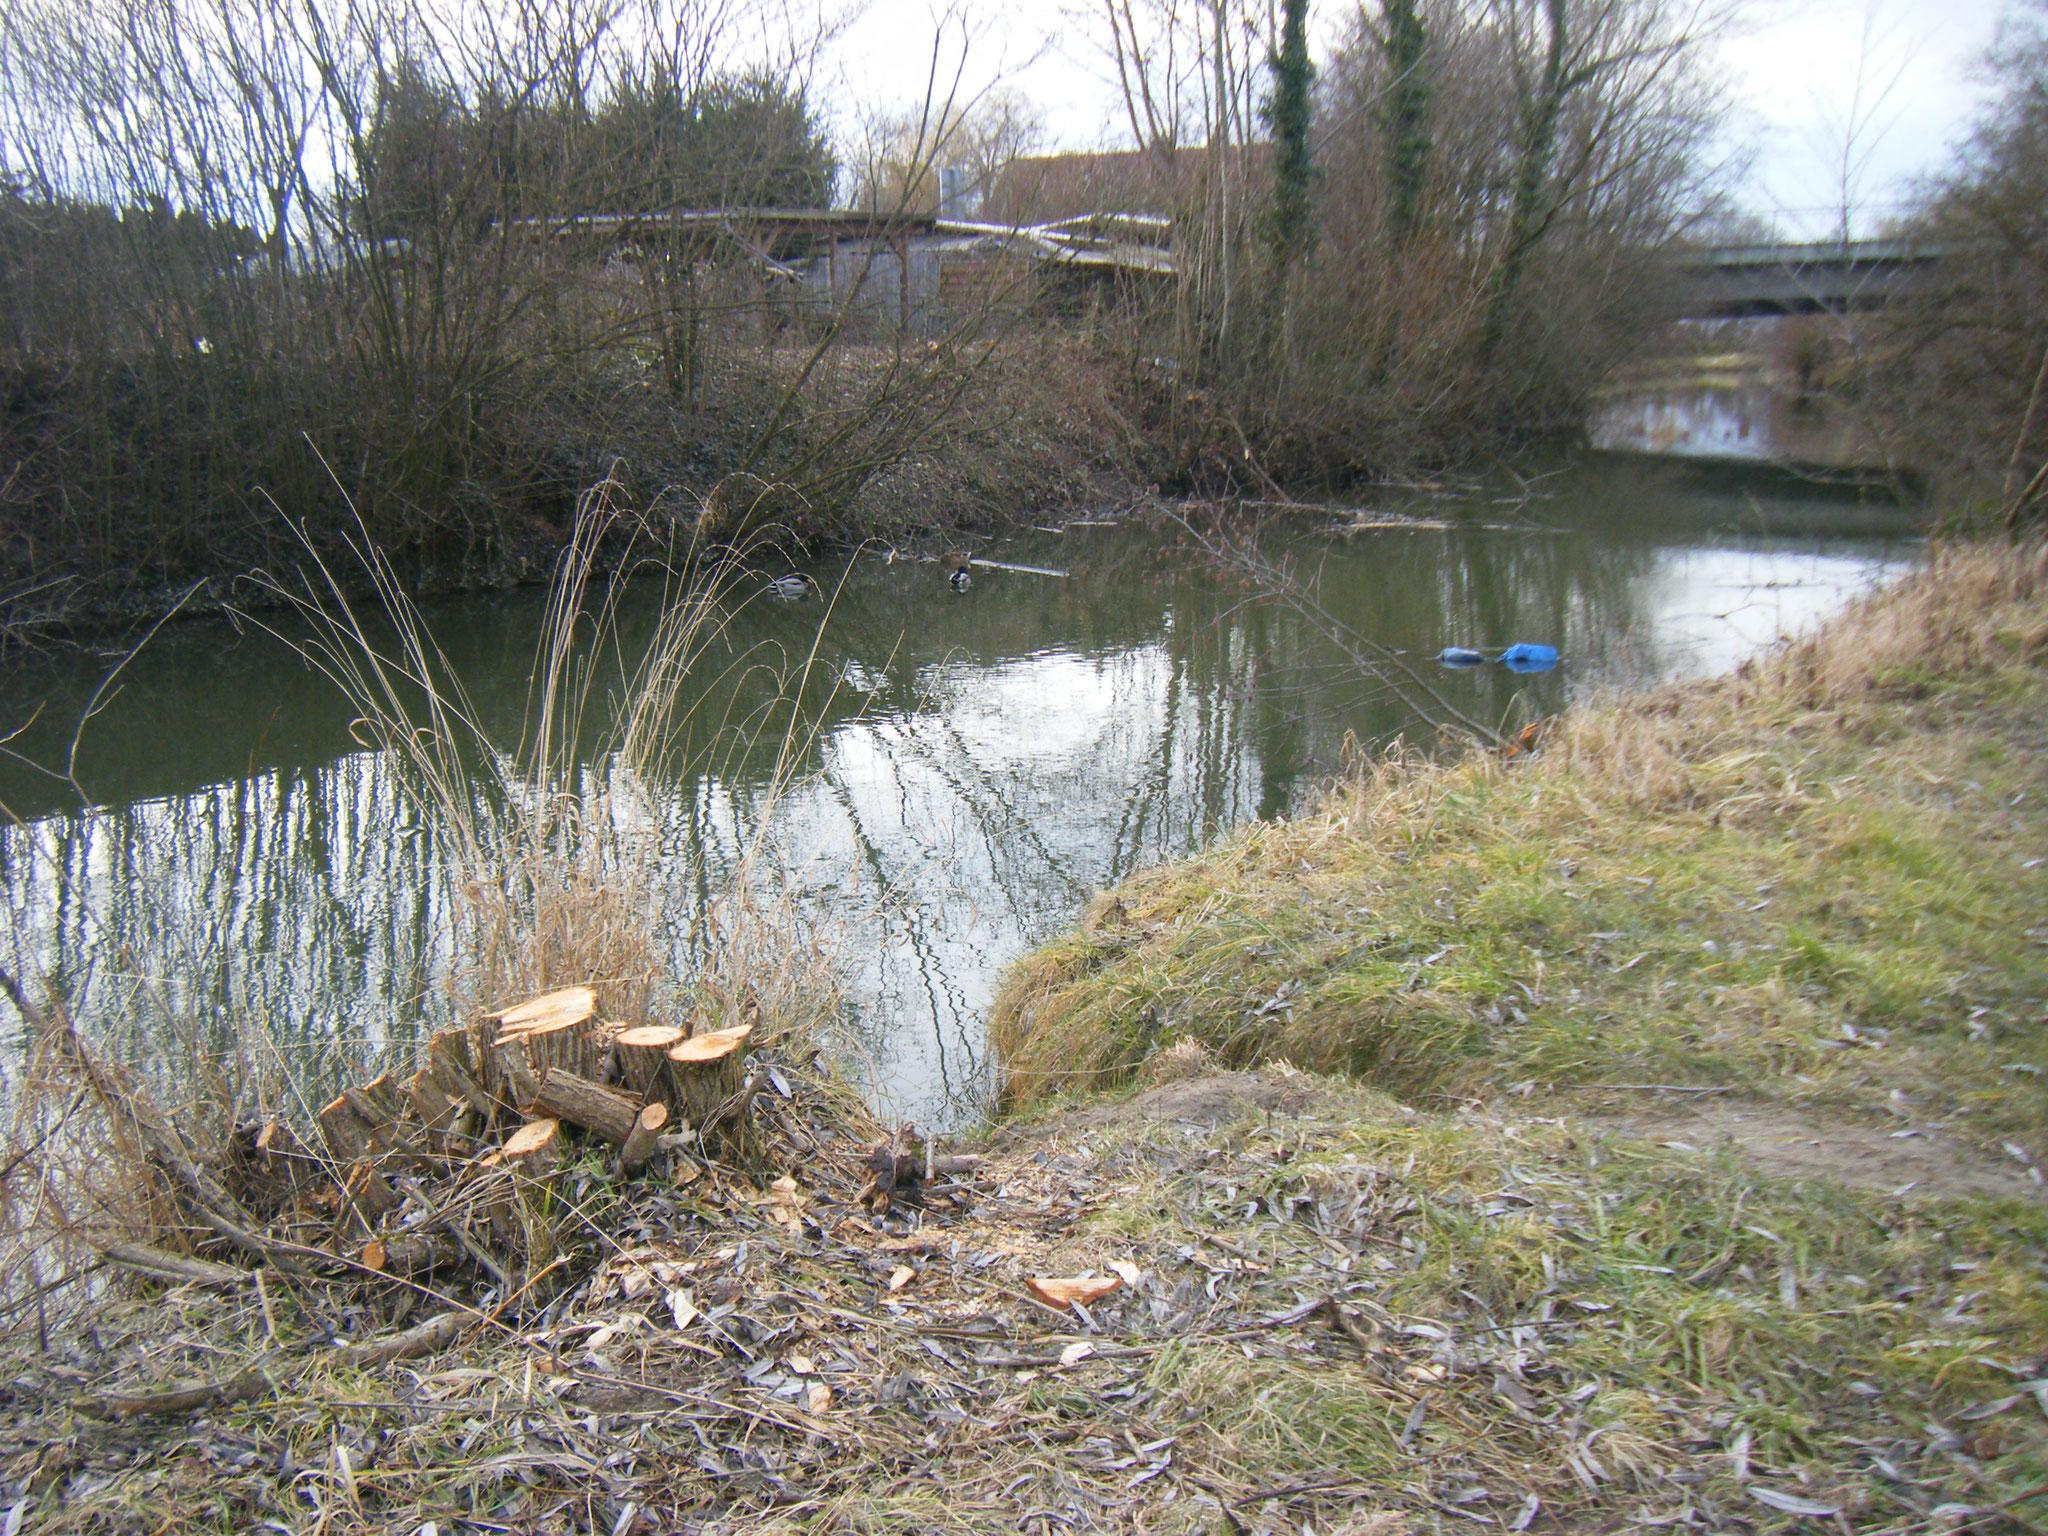 zwei Enten wundern sich: Kahlschlag an den Weidengebüschen - aber den Müll der überall herumliegt und im Wasser schwimmt, nimmt keiner mit